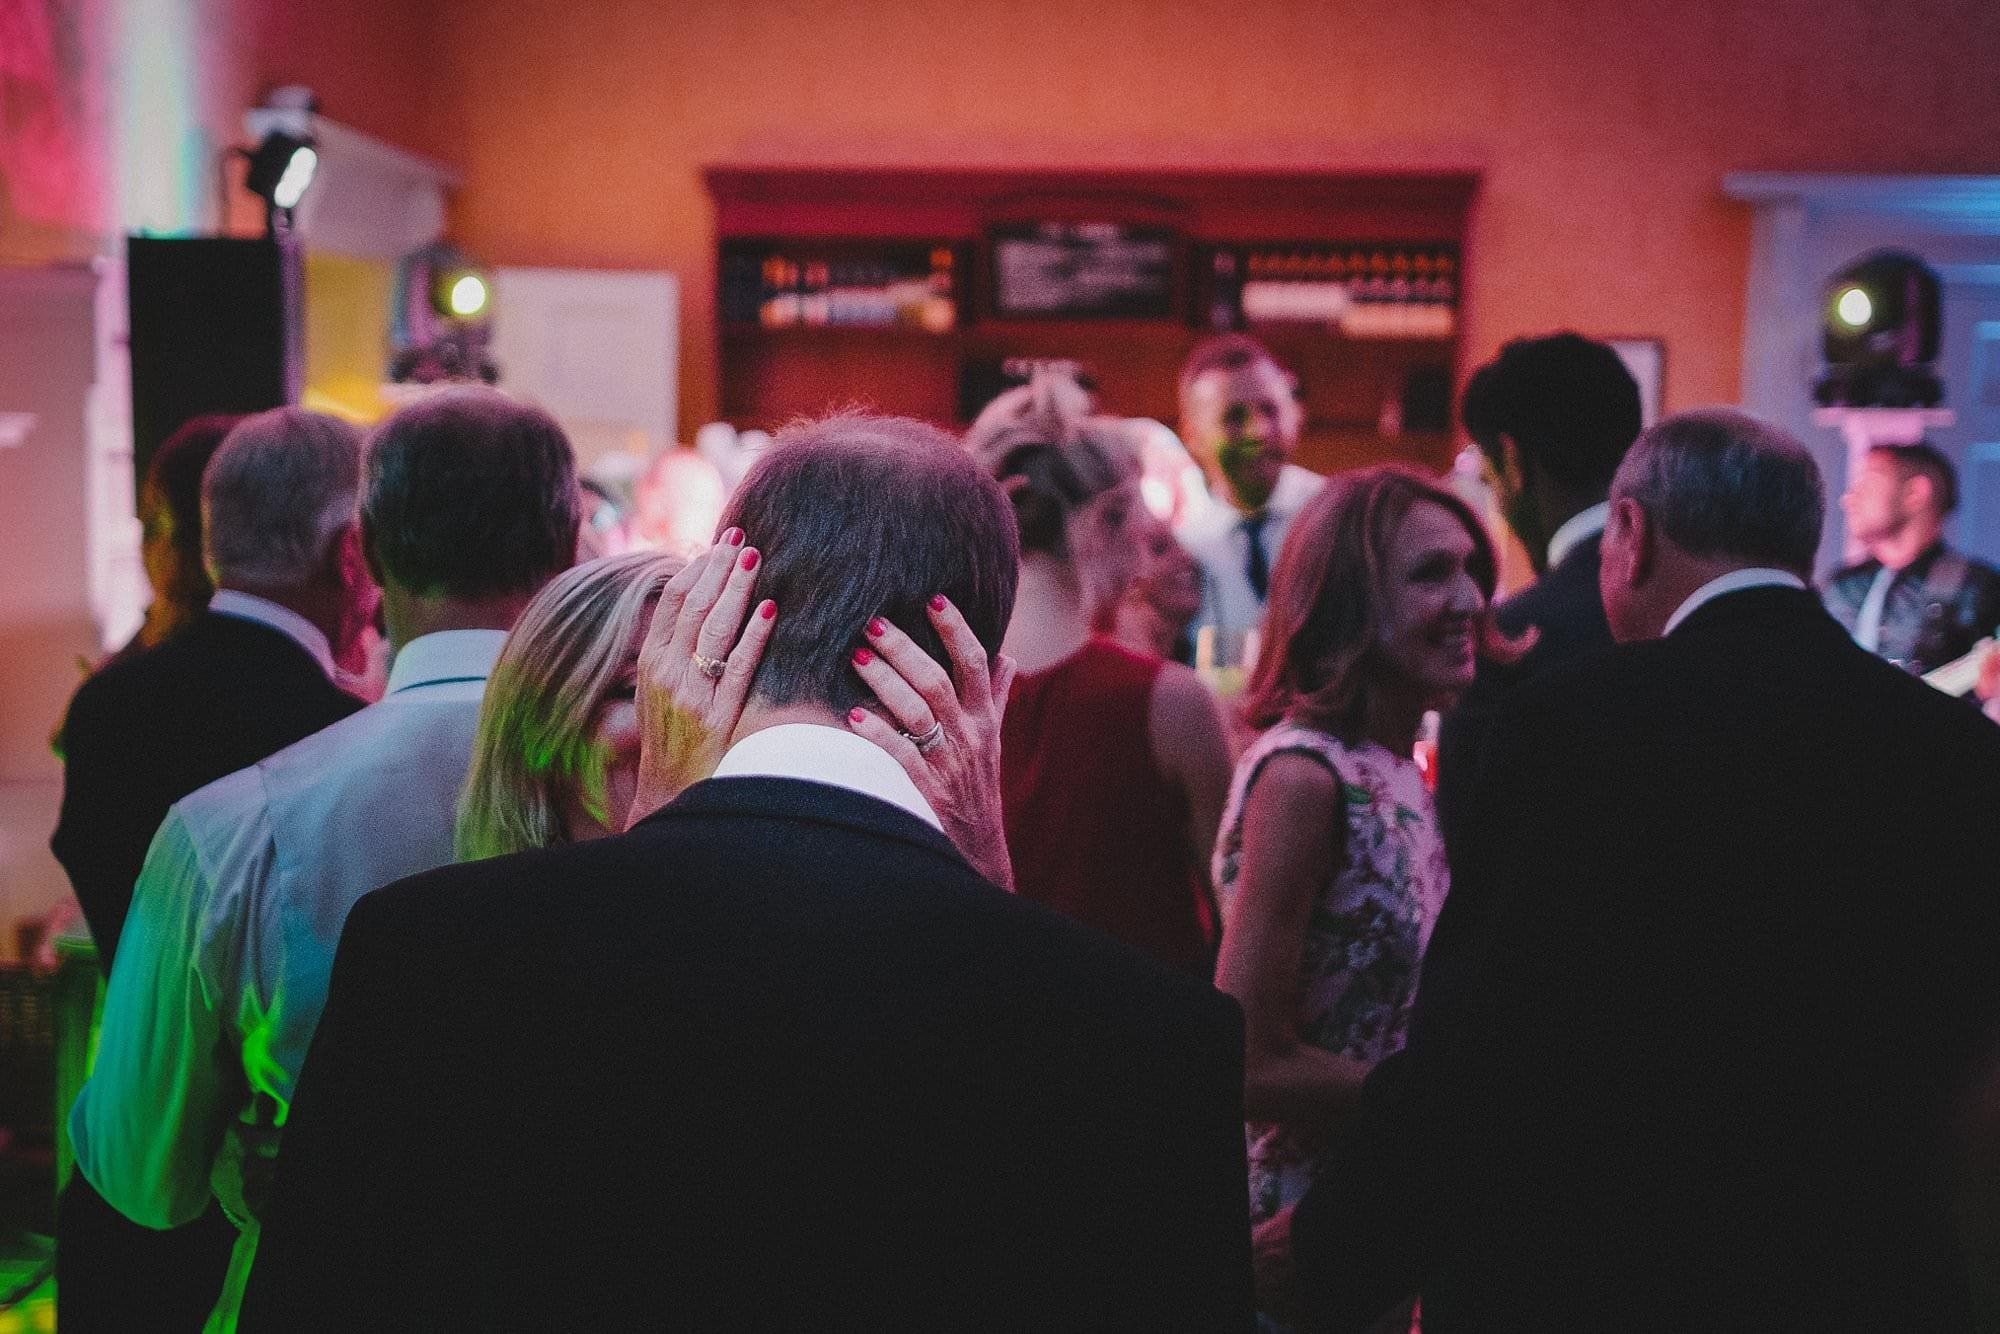 fulham palace wedding photographer 094 - Rosanna + Duncan | Fulham